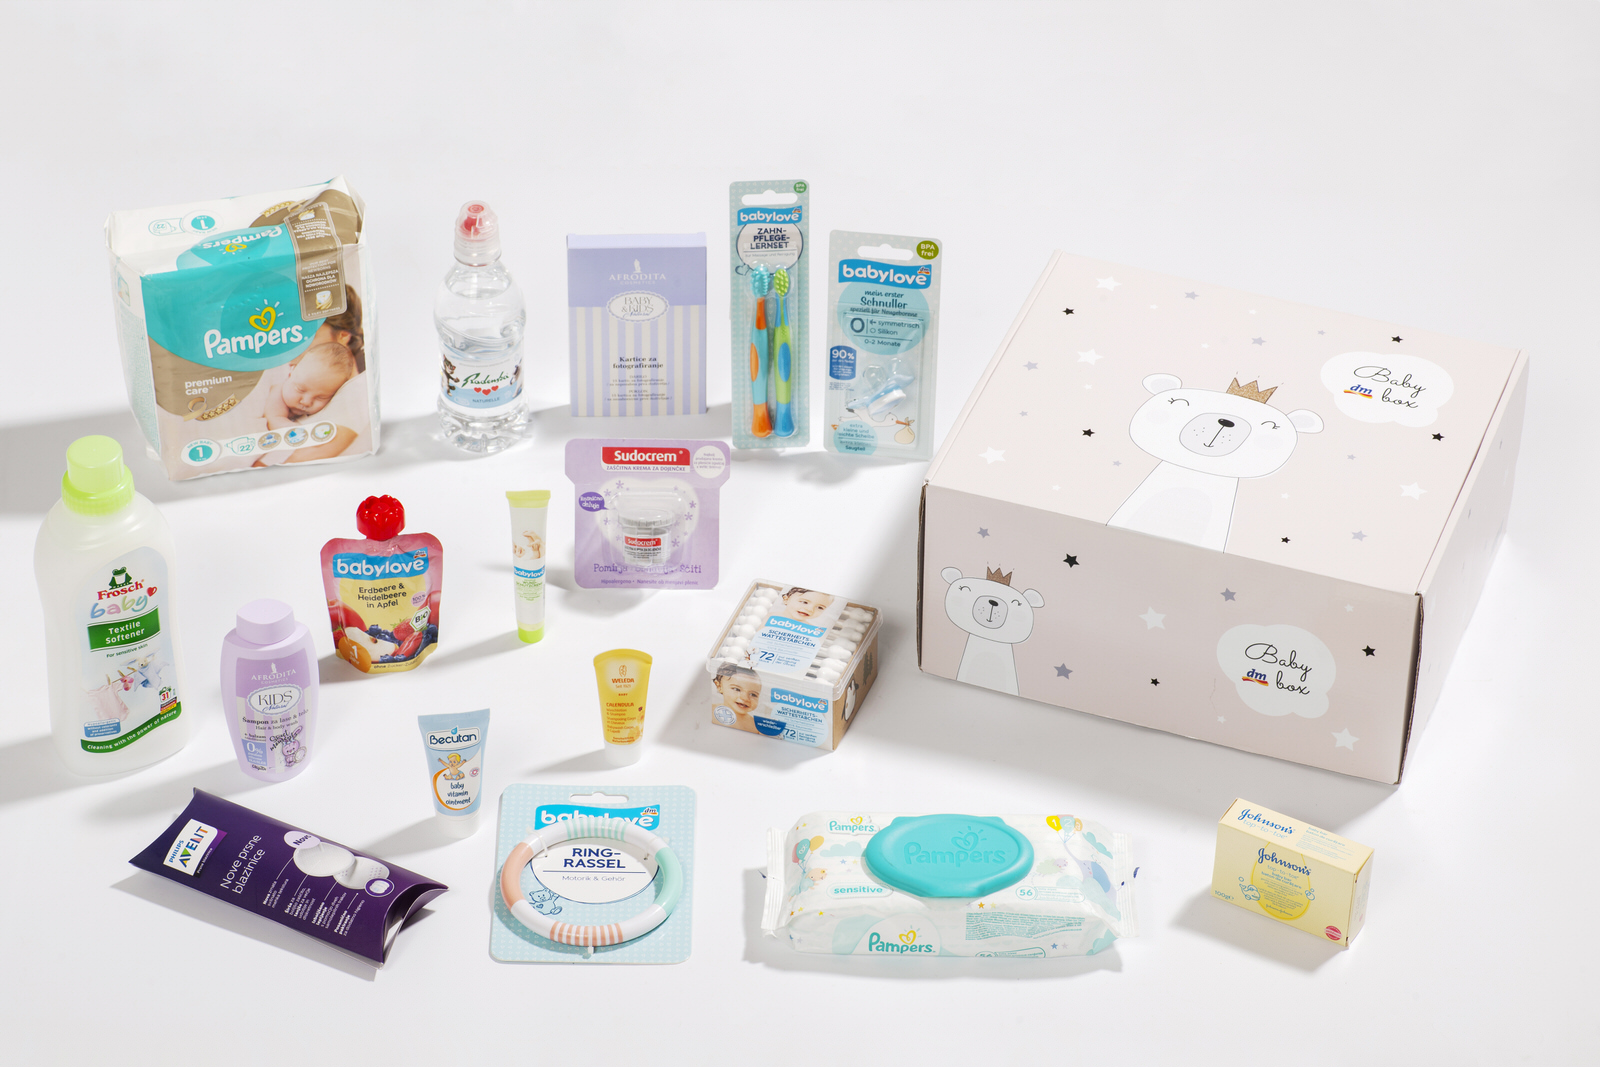 izdelki za novorojenčka